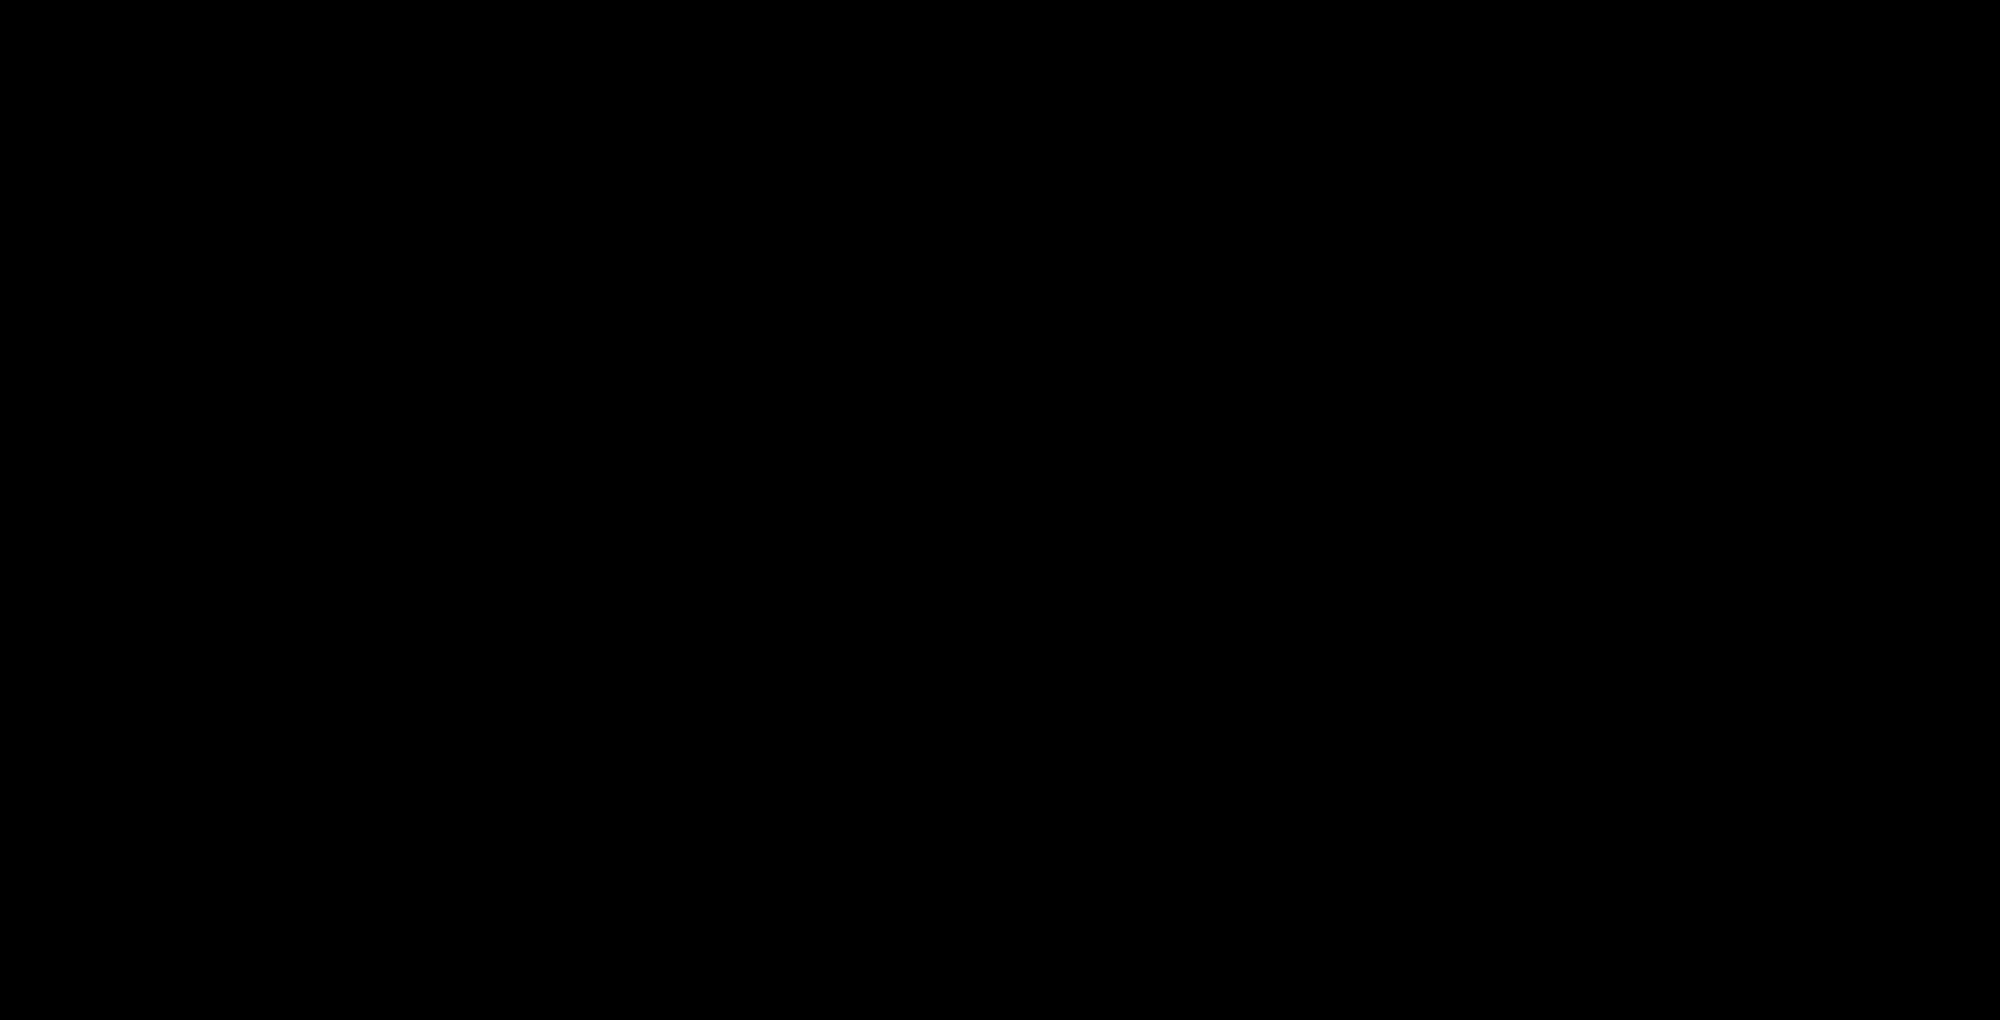 4.Logo.png